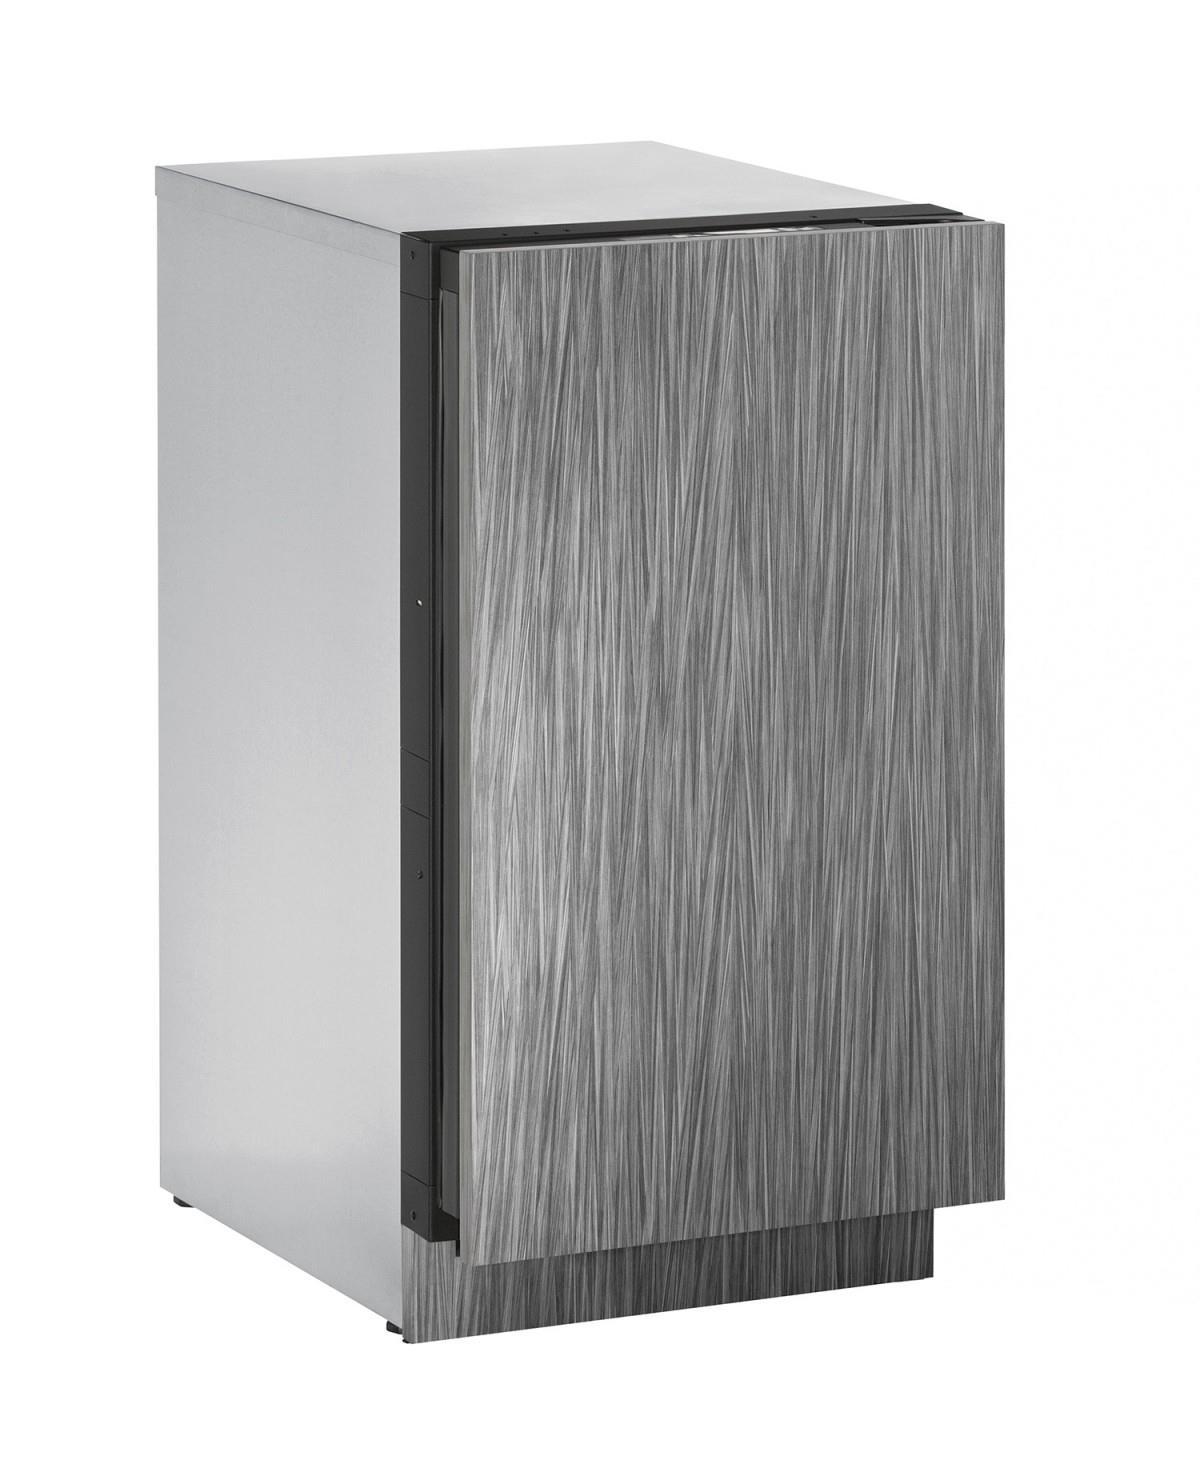 """U-Line Ice Maker 18"""" Built-in Clear Ice Machine - Item Number: U-3018CLRINT-40A"""